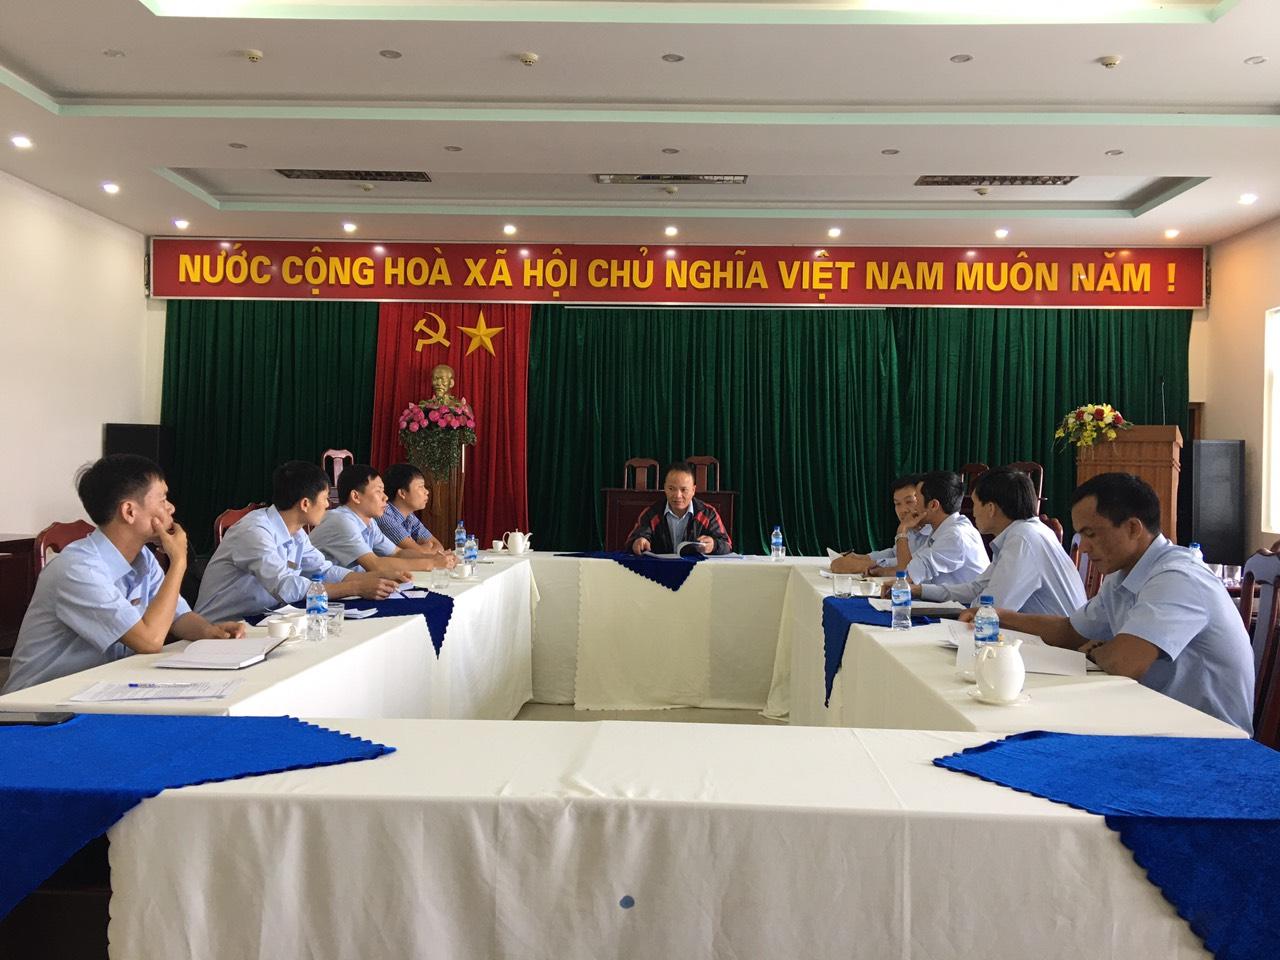 Các Chi bộ trực thuộc Đảng bộ Công ty cổ phần Đầu tư và phát triển điện Sê San 3A tổ chức kiểm điểm, đánh giá, xếp loại chất lượng tổ chức Đảng, đảng viên năm 2019.